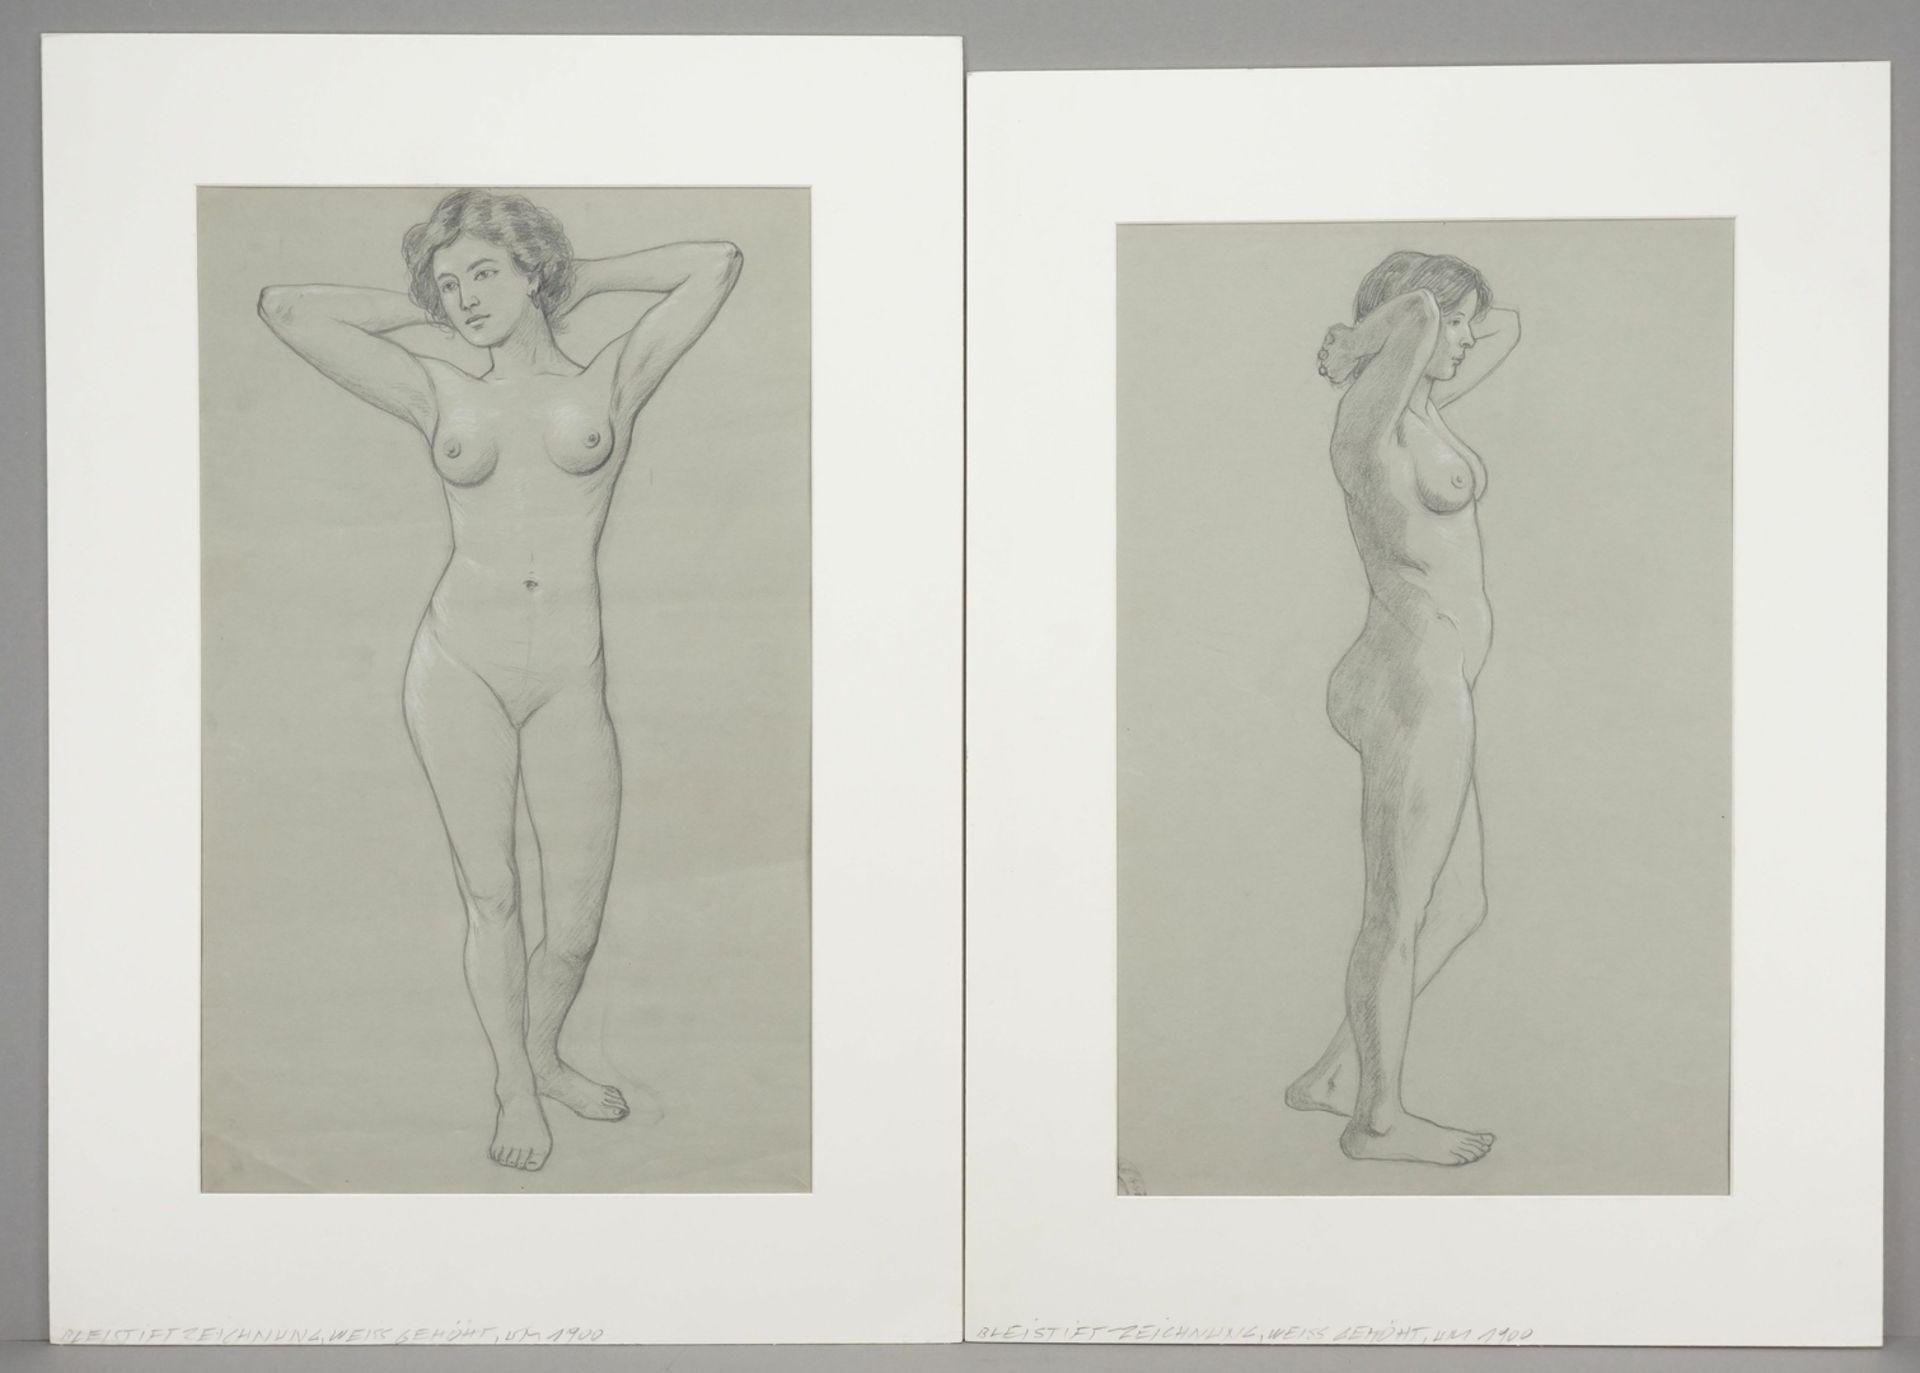 Unbekannter akademischer Künstler, Zwei weibliche Akt-Darstellungen